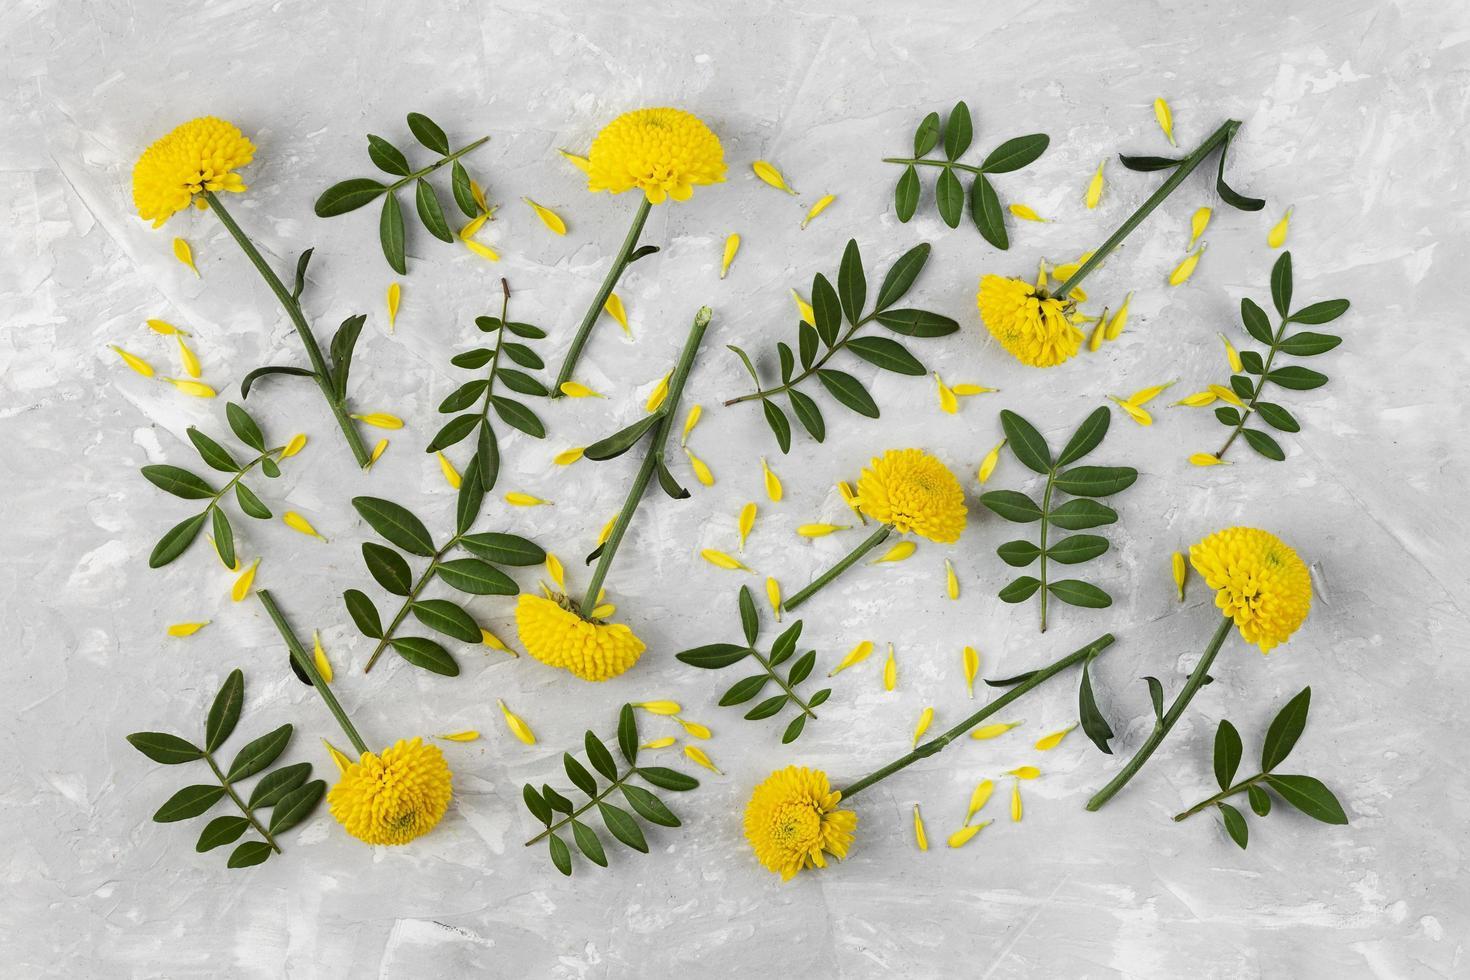 fiore giallo laici piatta foto